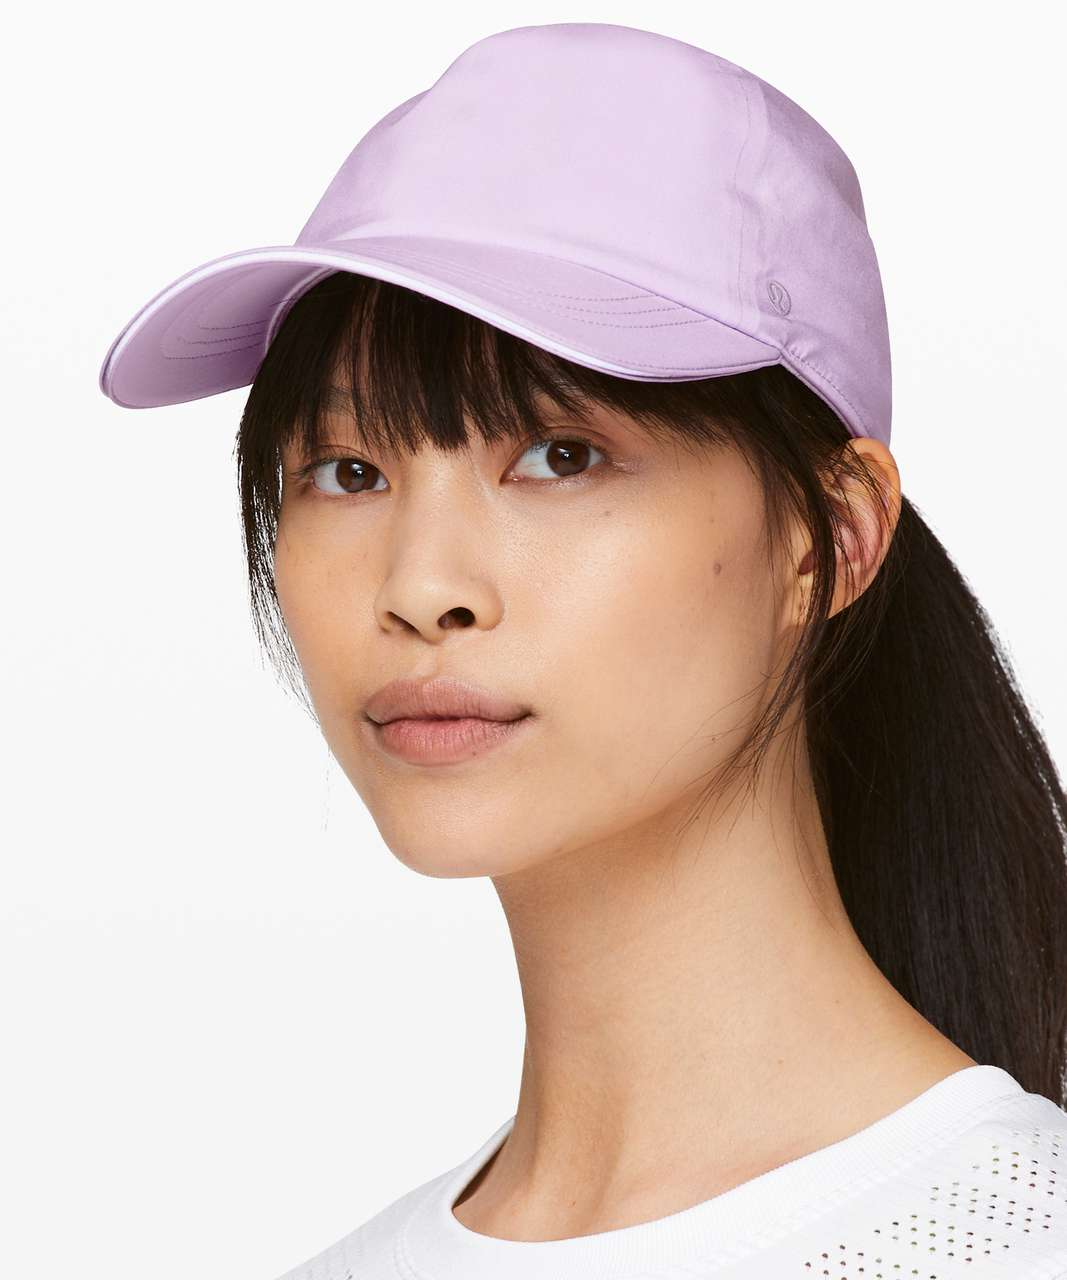 e0df416b Lululemon Baller Hat Run - Sheer Violet - lulu fanatics